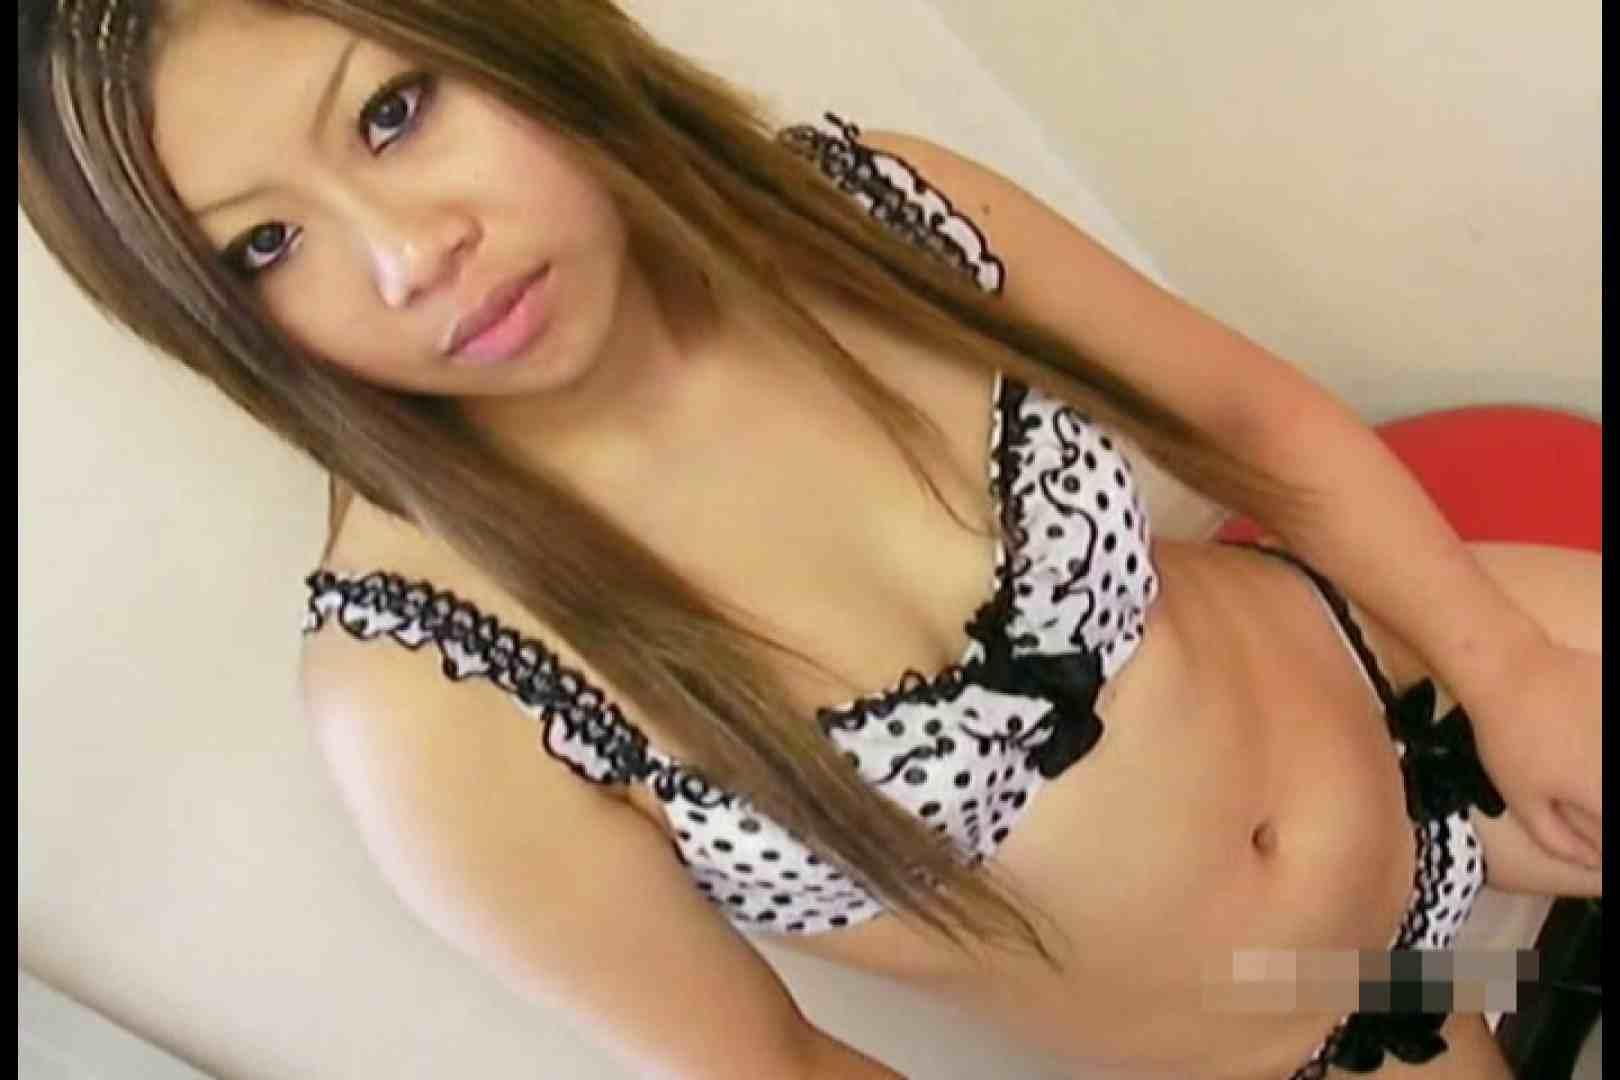 素人撮影 下着だけの撮影のはずが・・・幸子18歳 着替え | ギャル達の水着  93画像 39